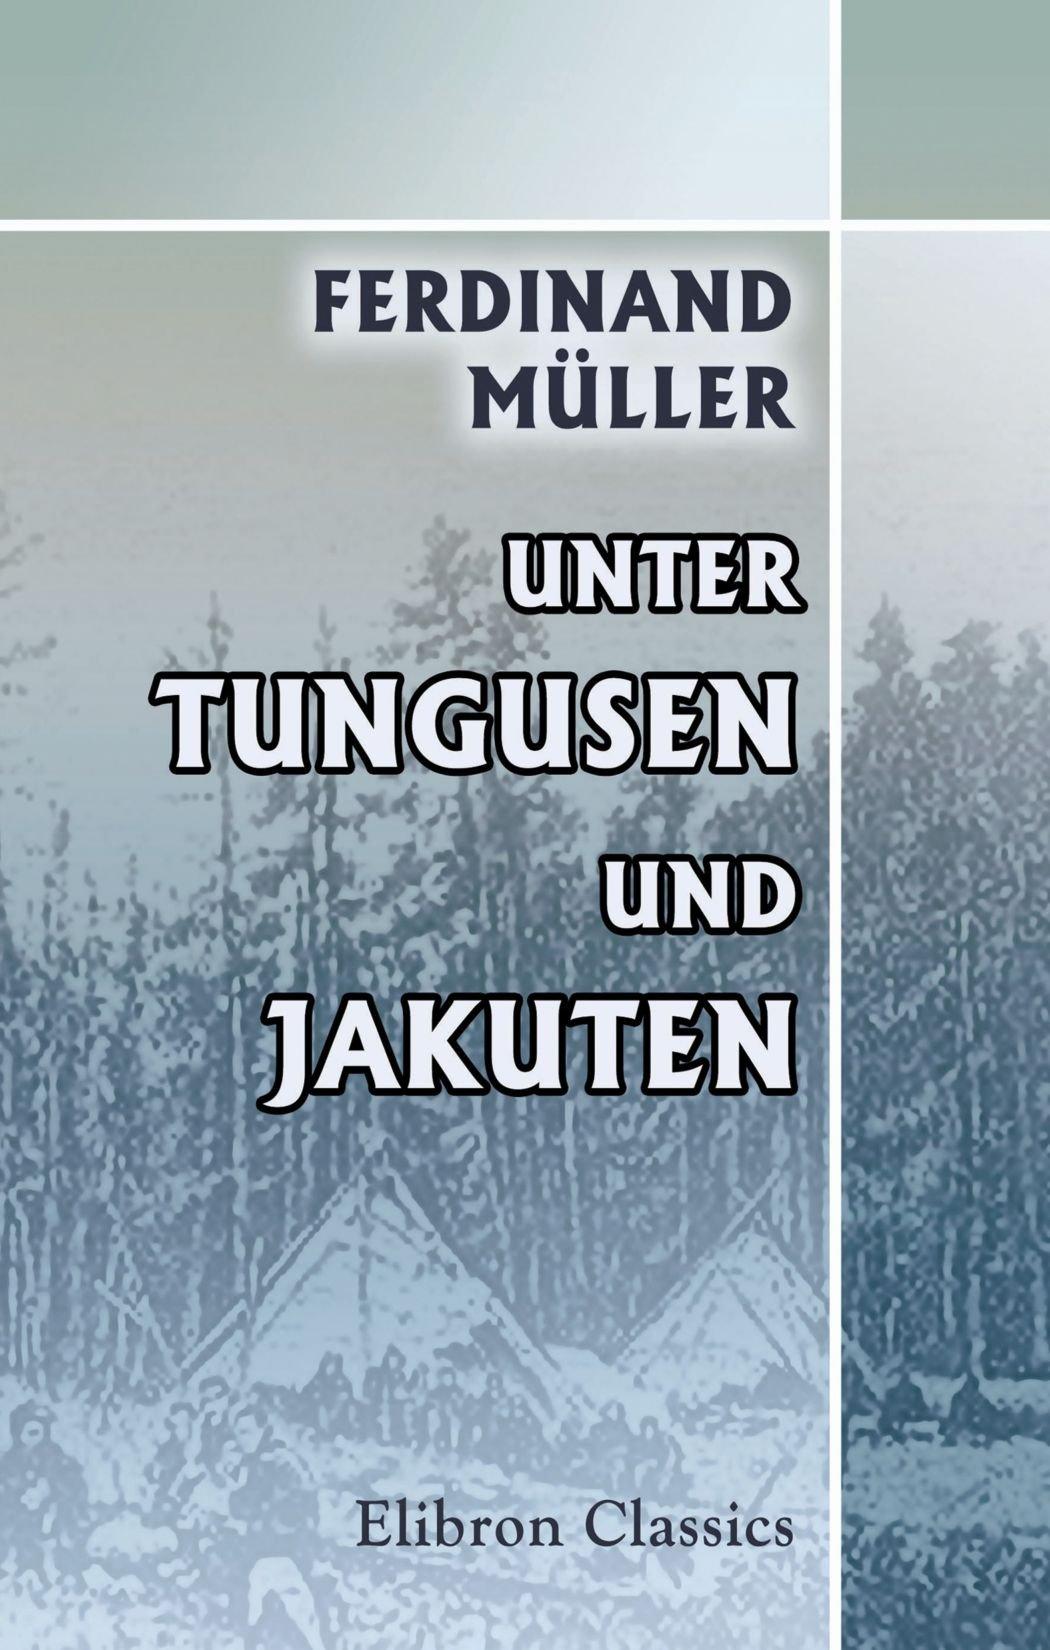 Unter Tungusen und Jakuten: Erlebnisse und Ergebnisse der Olenék-Expedition der Kaiserlich russischen geographischen Gesellschaft in St. Petersburg (German Edition) ebook